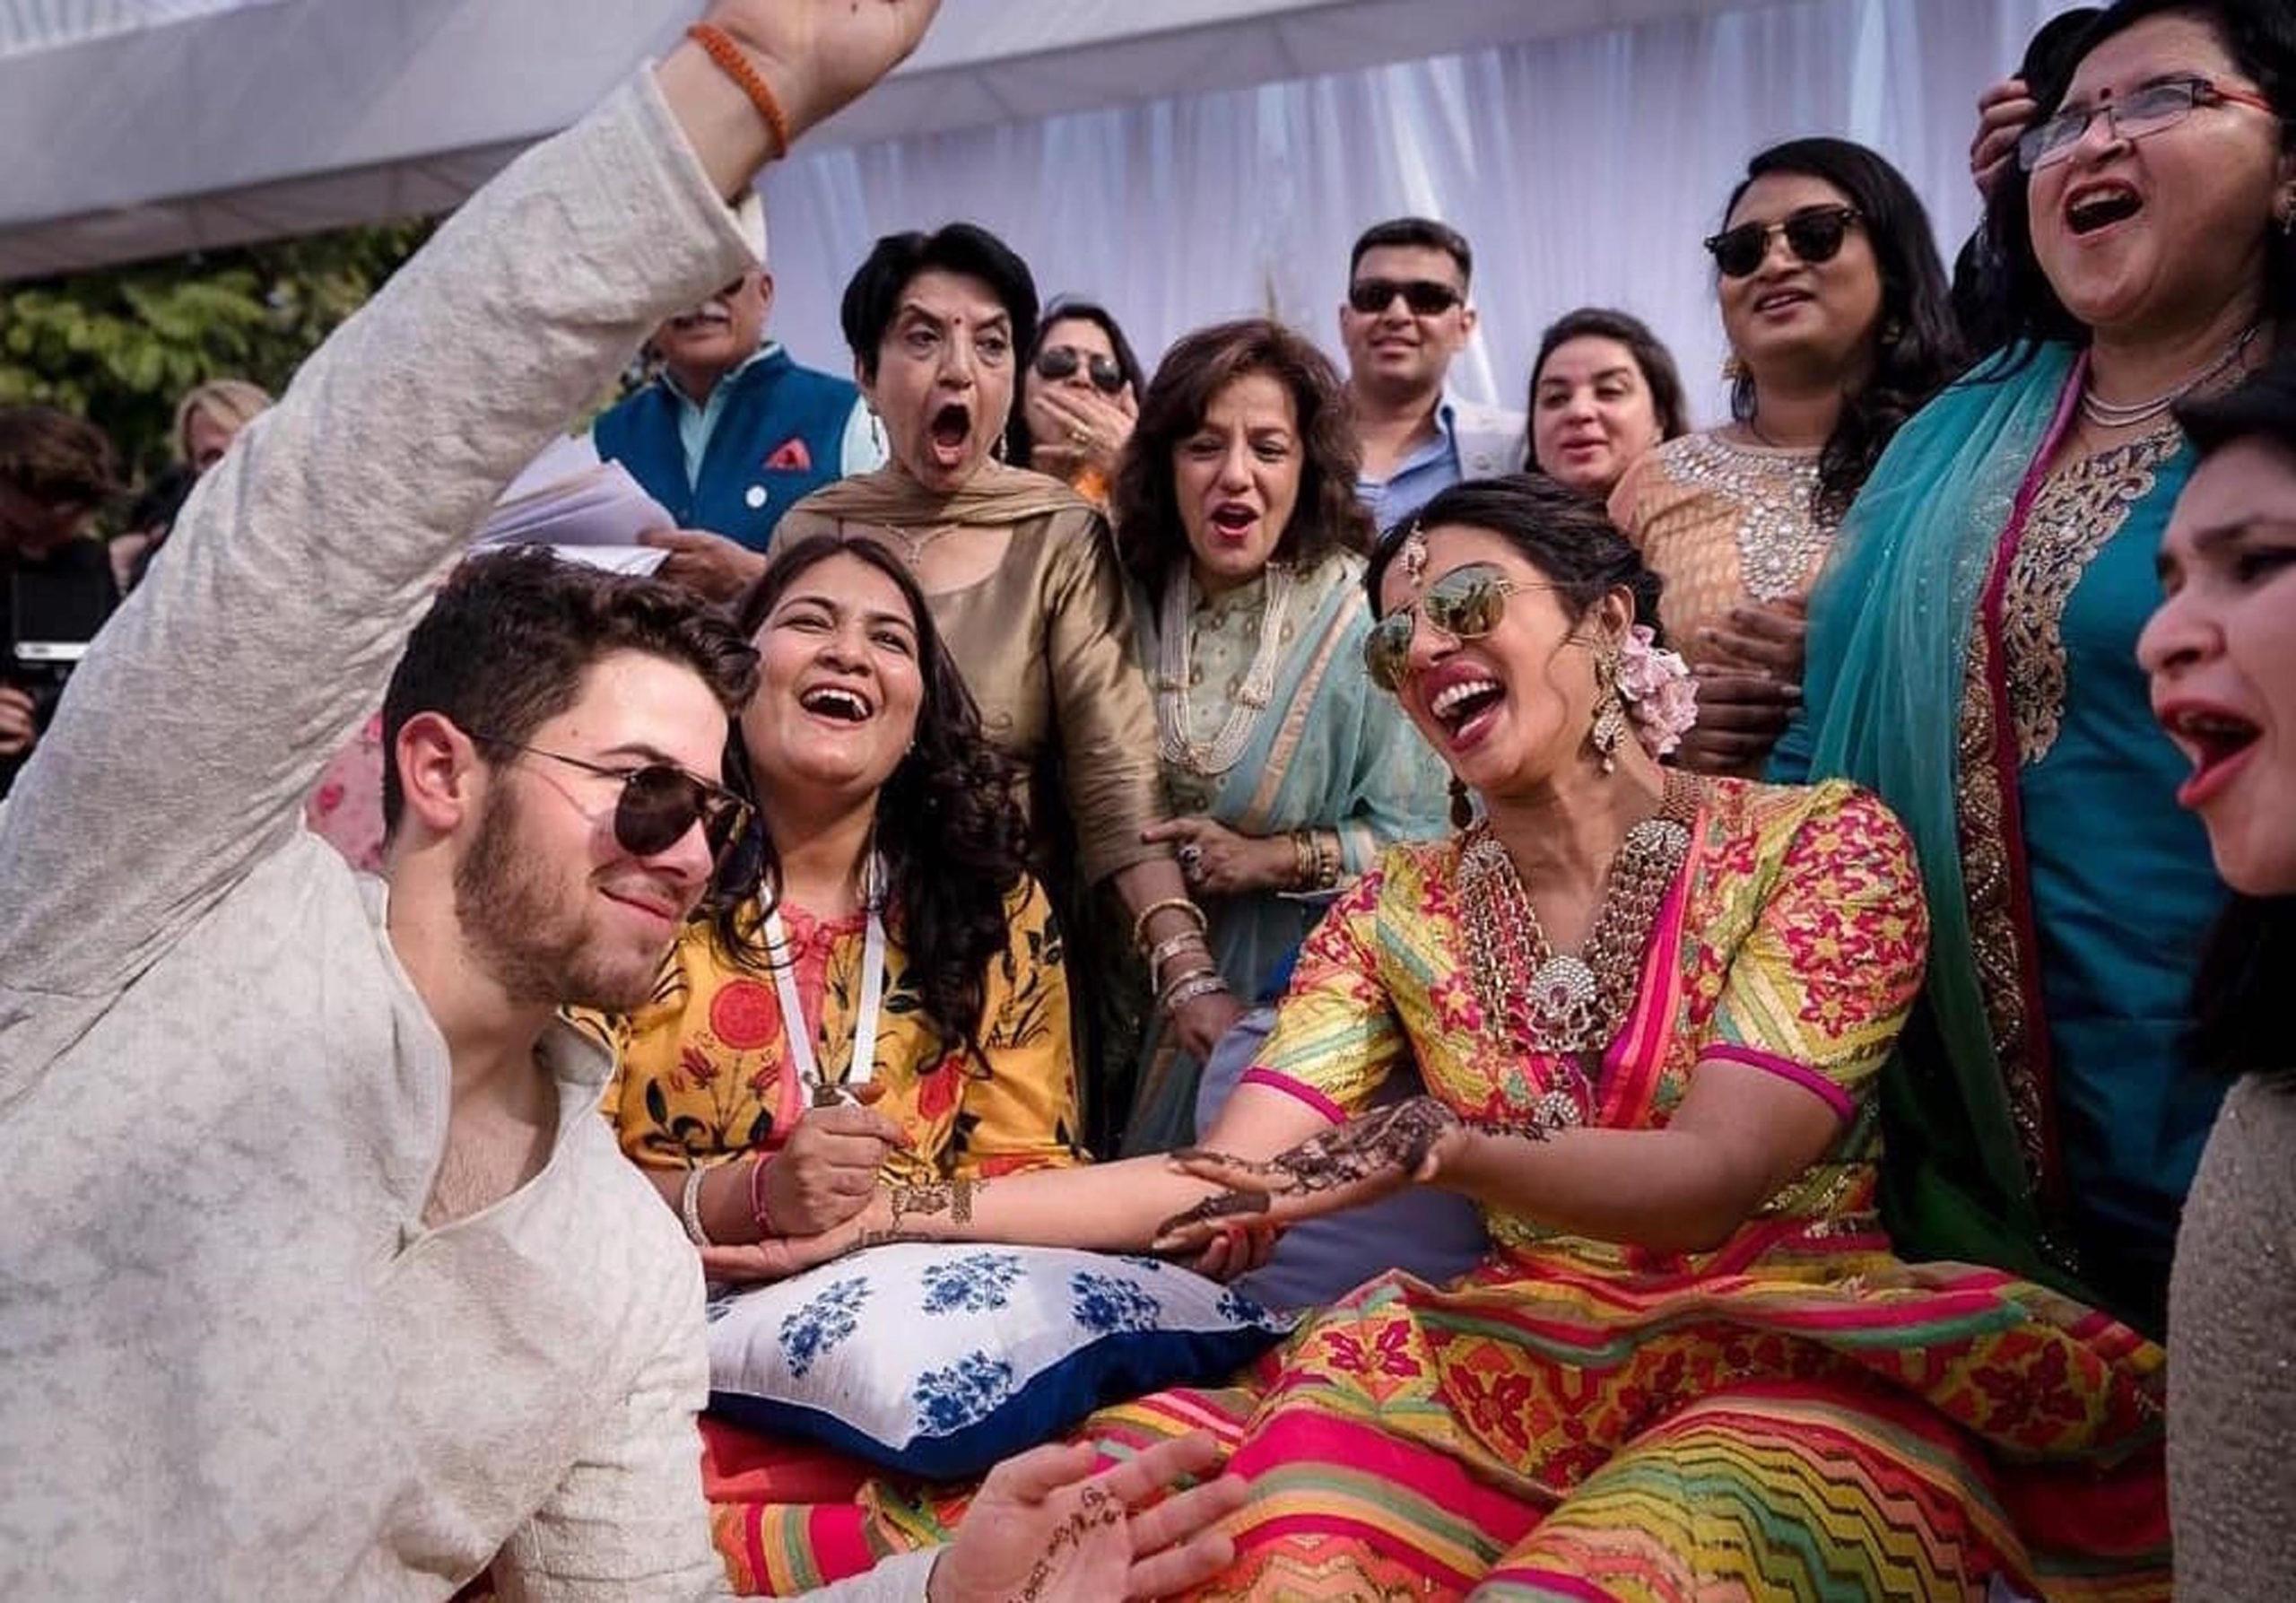 ازدواج بین فرهنگی یک اتفاق بسیار خاص است که می تواند زندگی یک مرد را به شکل مثبتی تحت تاثیر قرار داده و فرصت های بیشتری در اختیار او قرار دهد